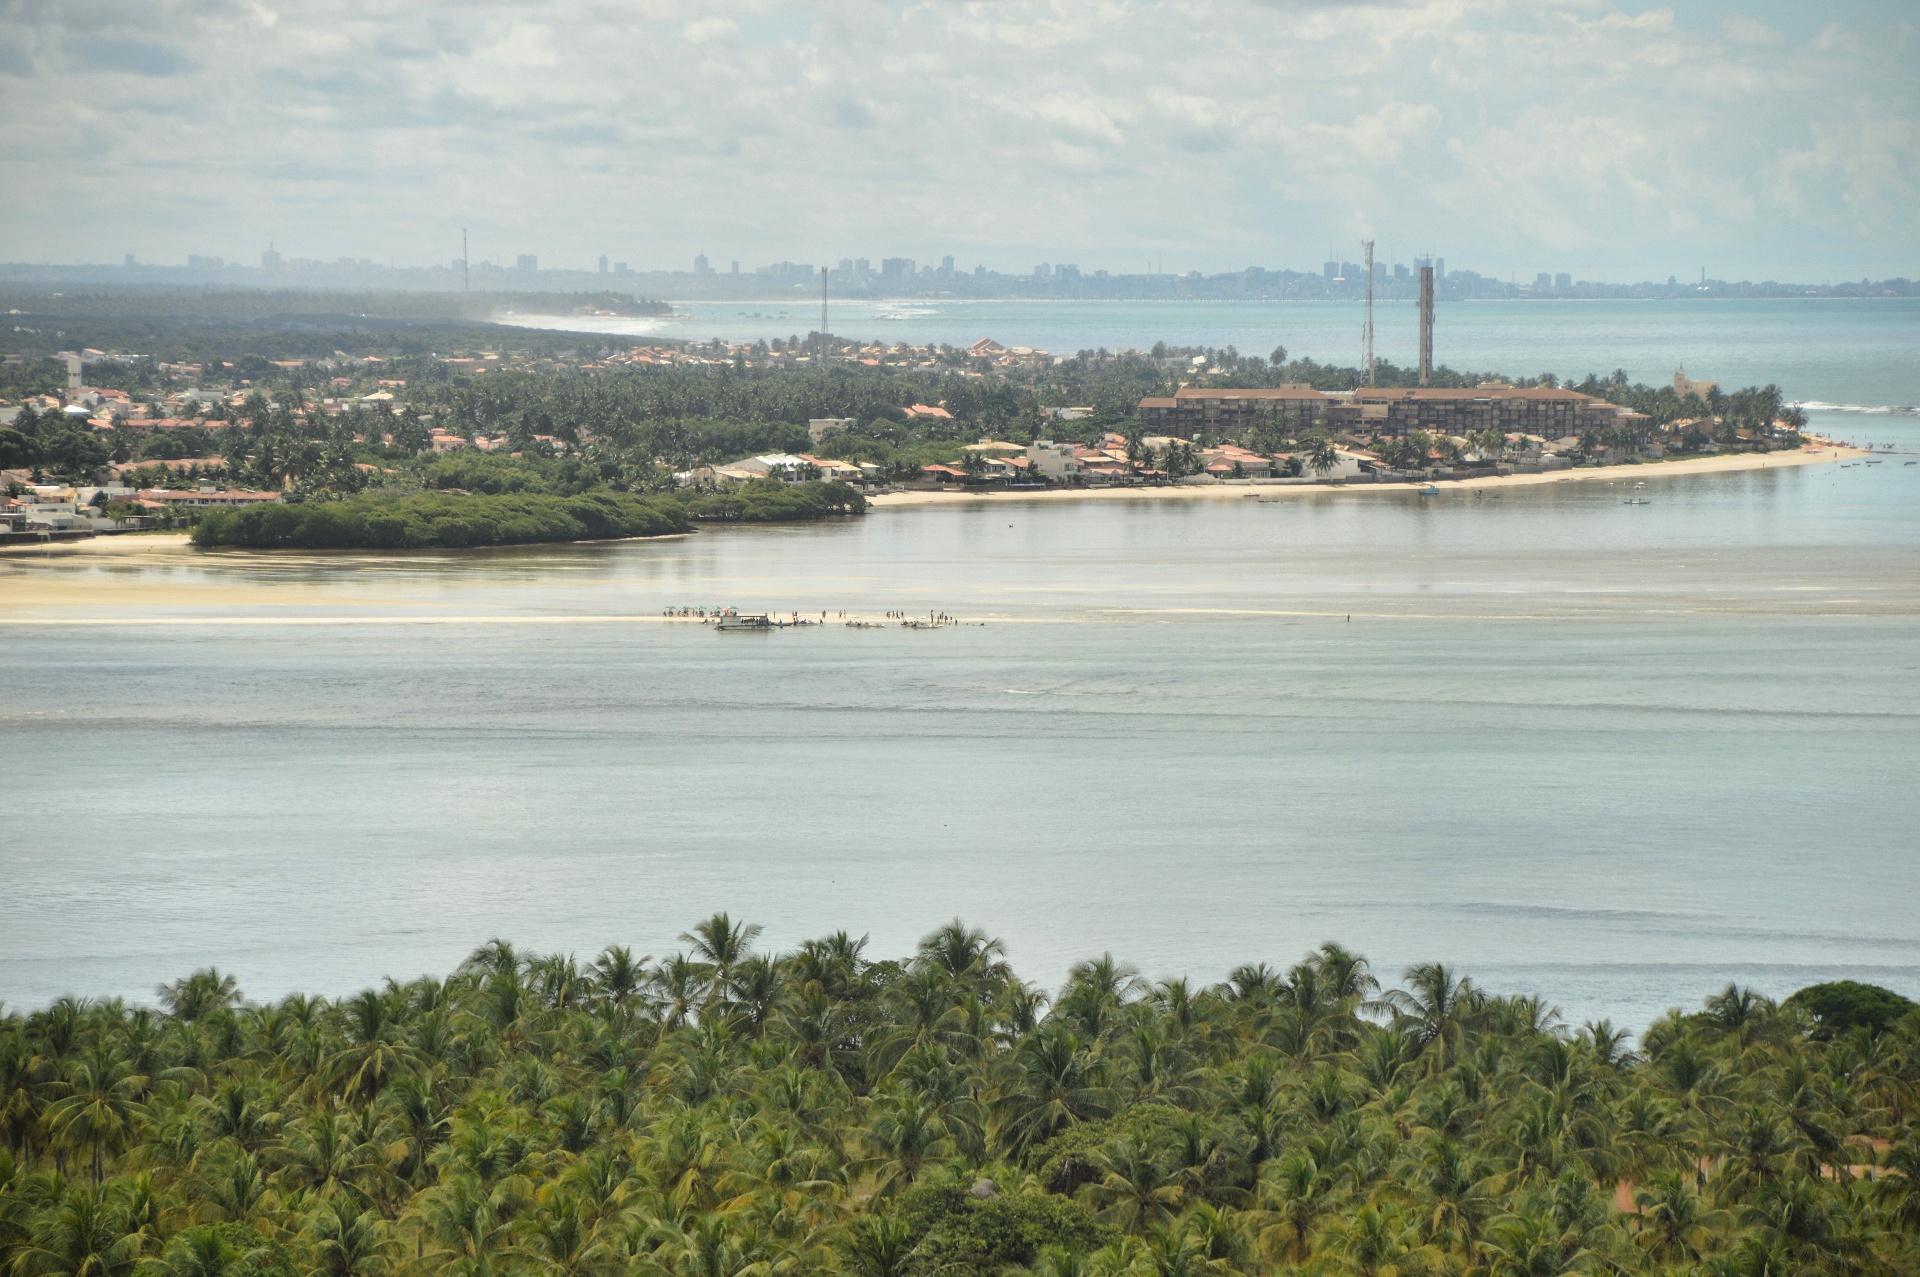 Vista do Mirante do Gunga, Barra de São Miguel - AL, by Luciana de Paula, 2016